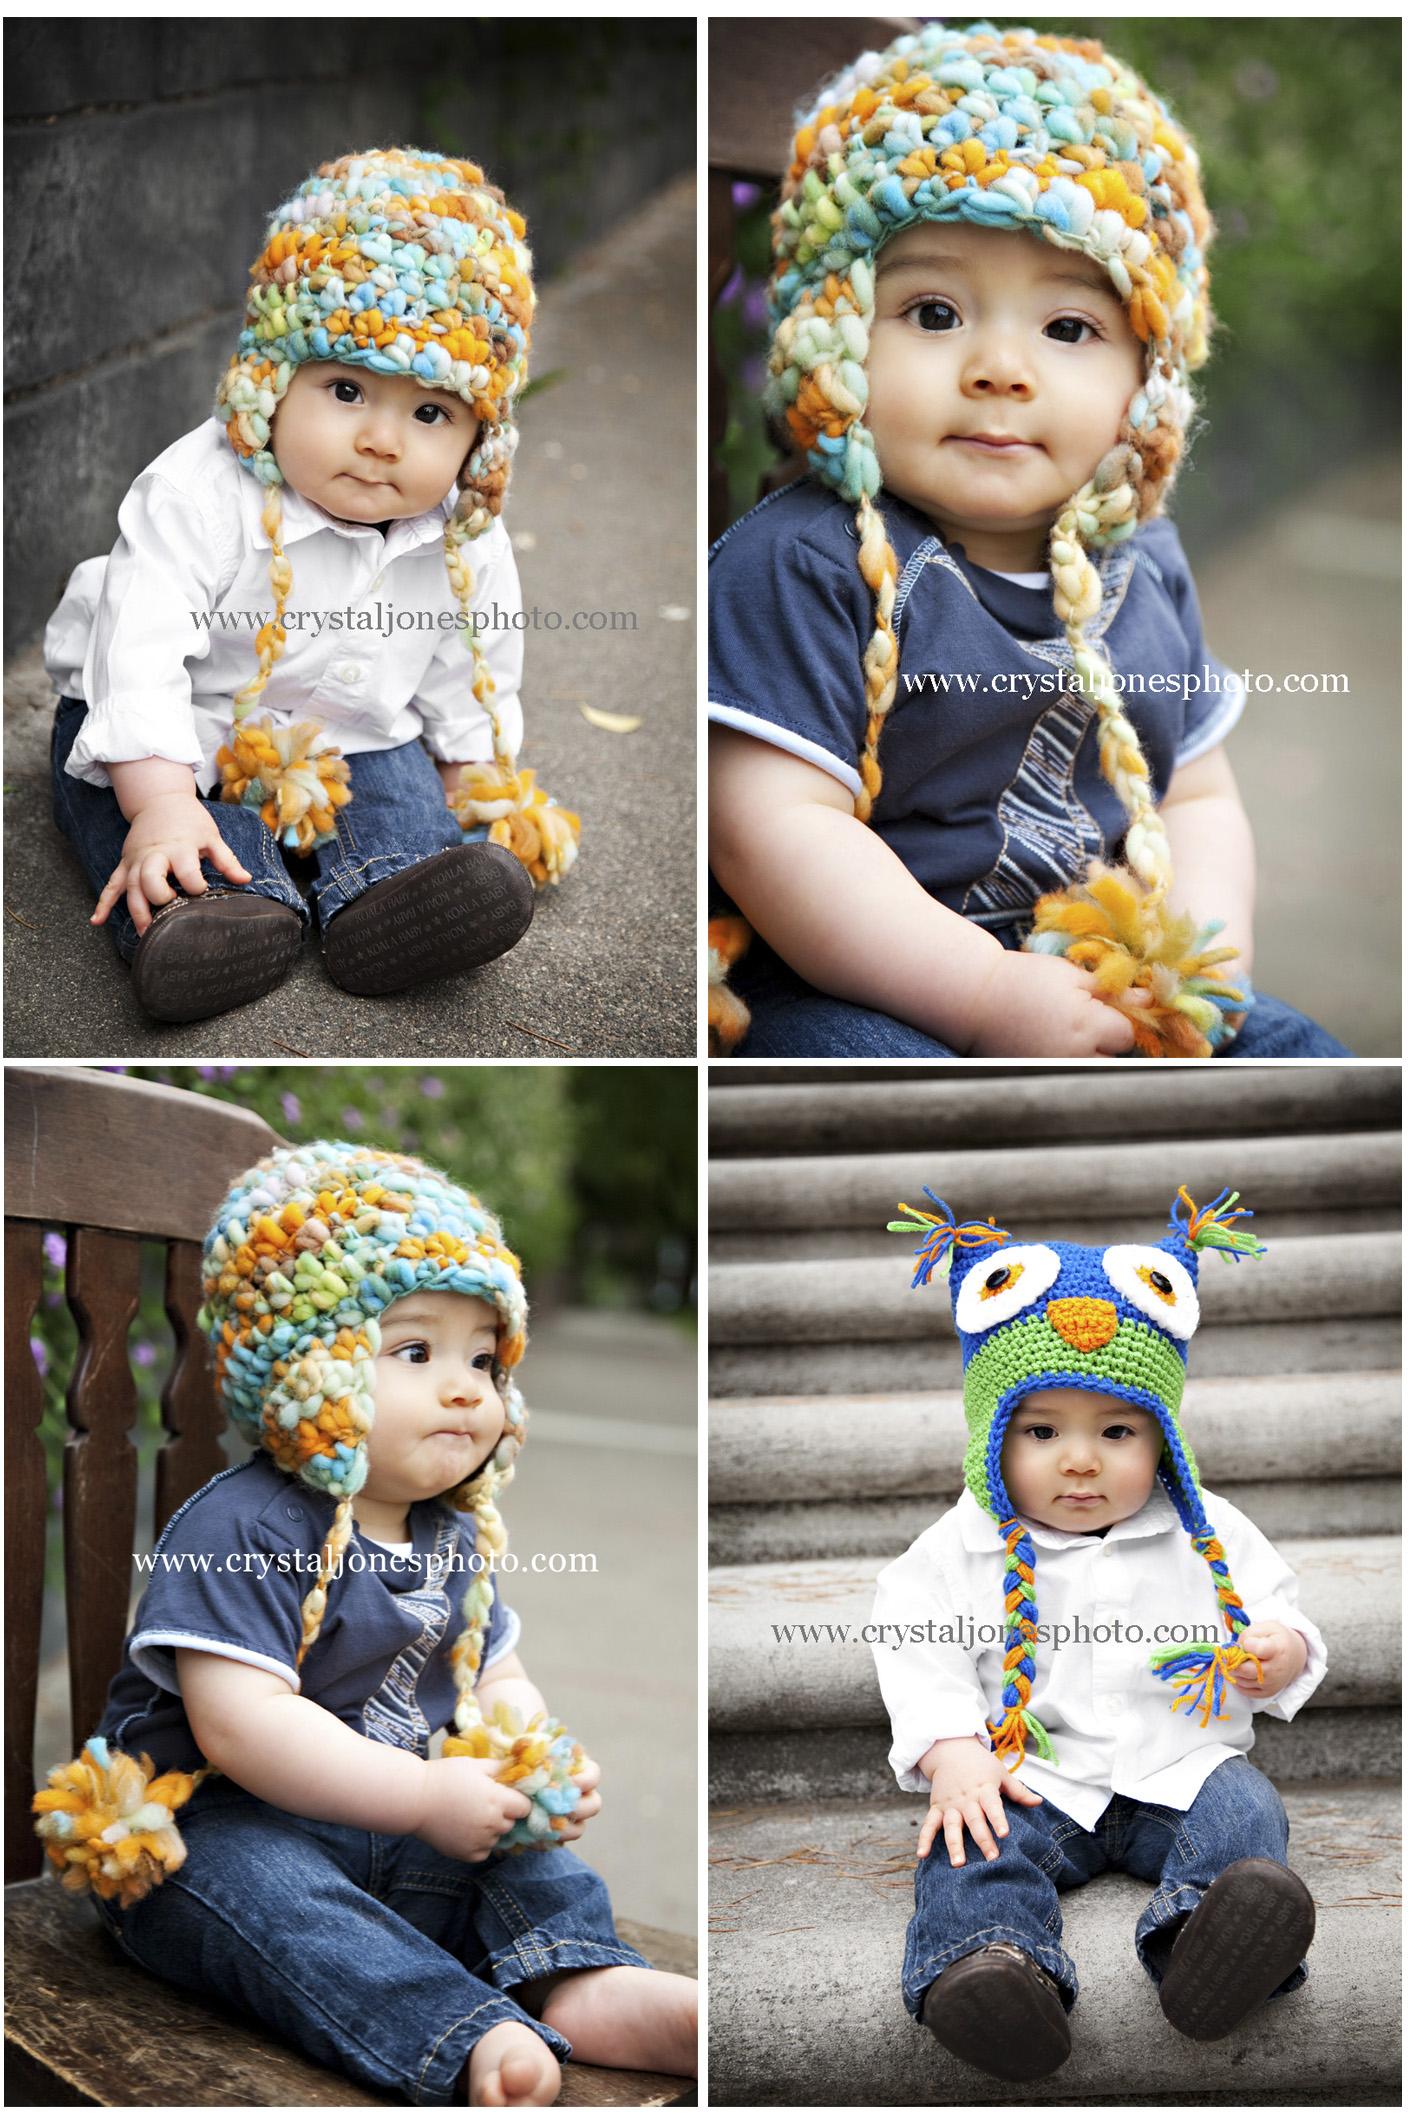 6 month outdoor baby photos in midtown sacramento